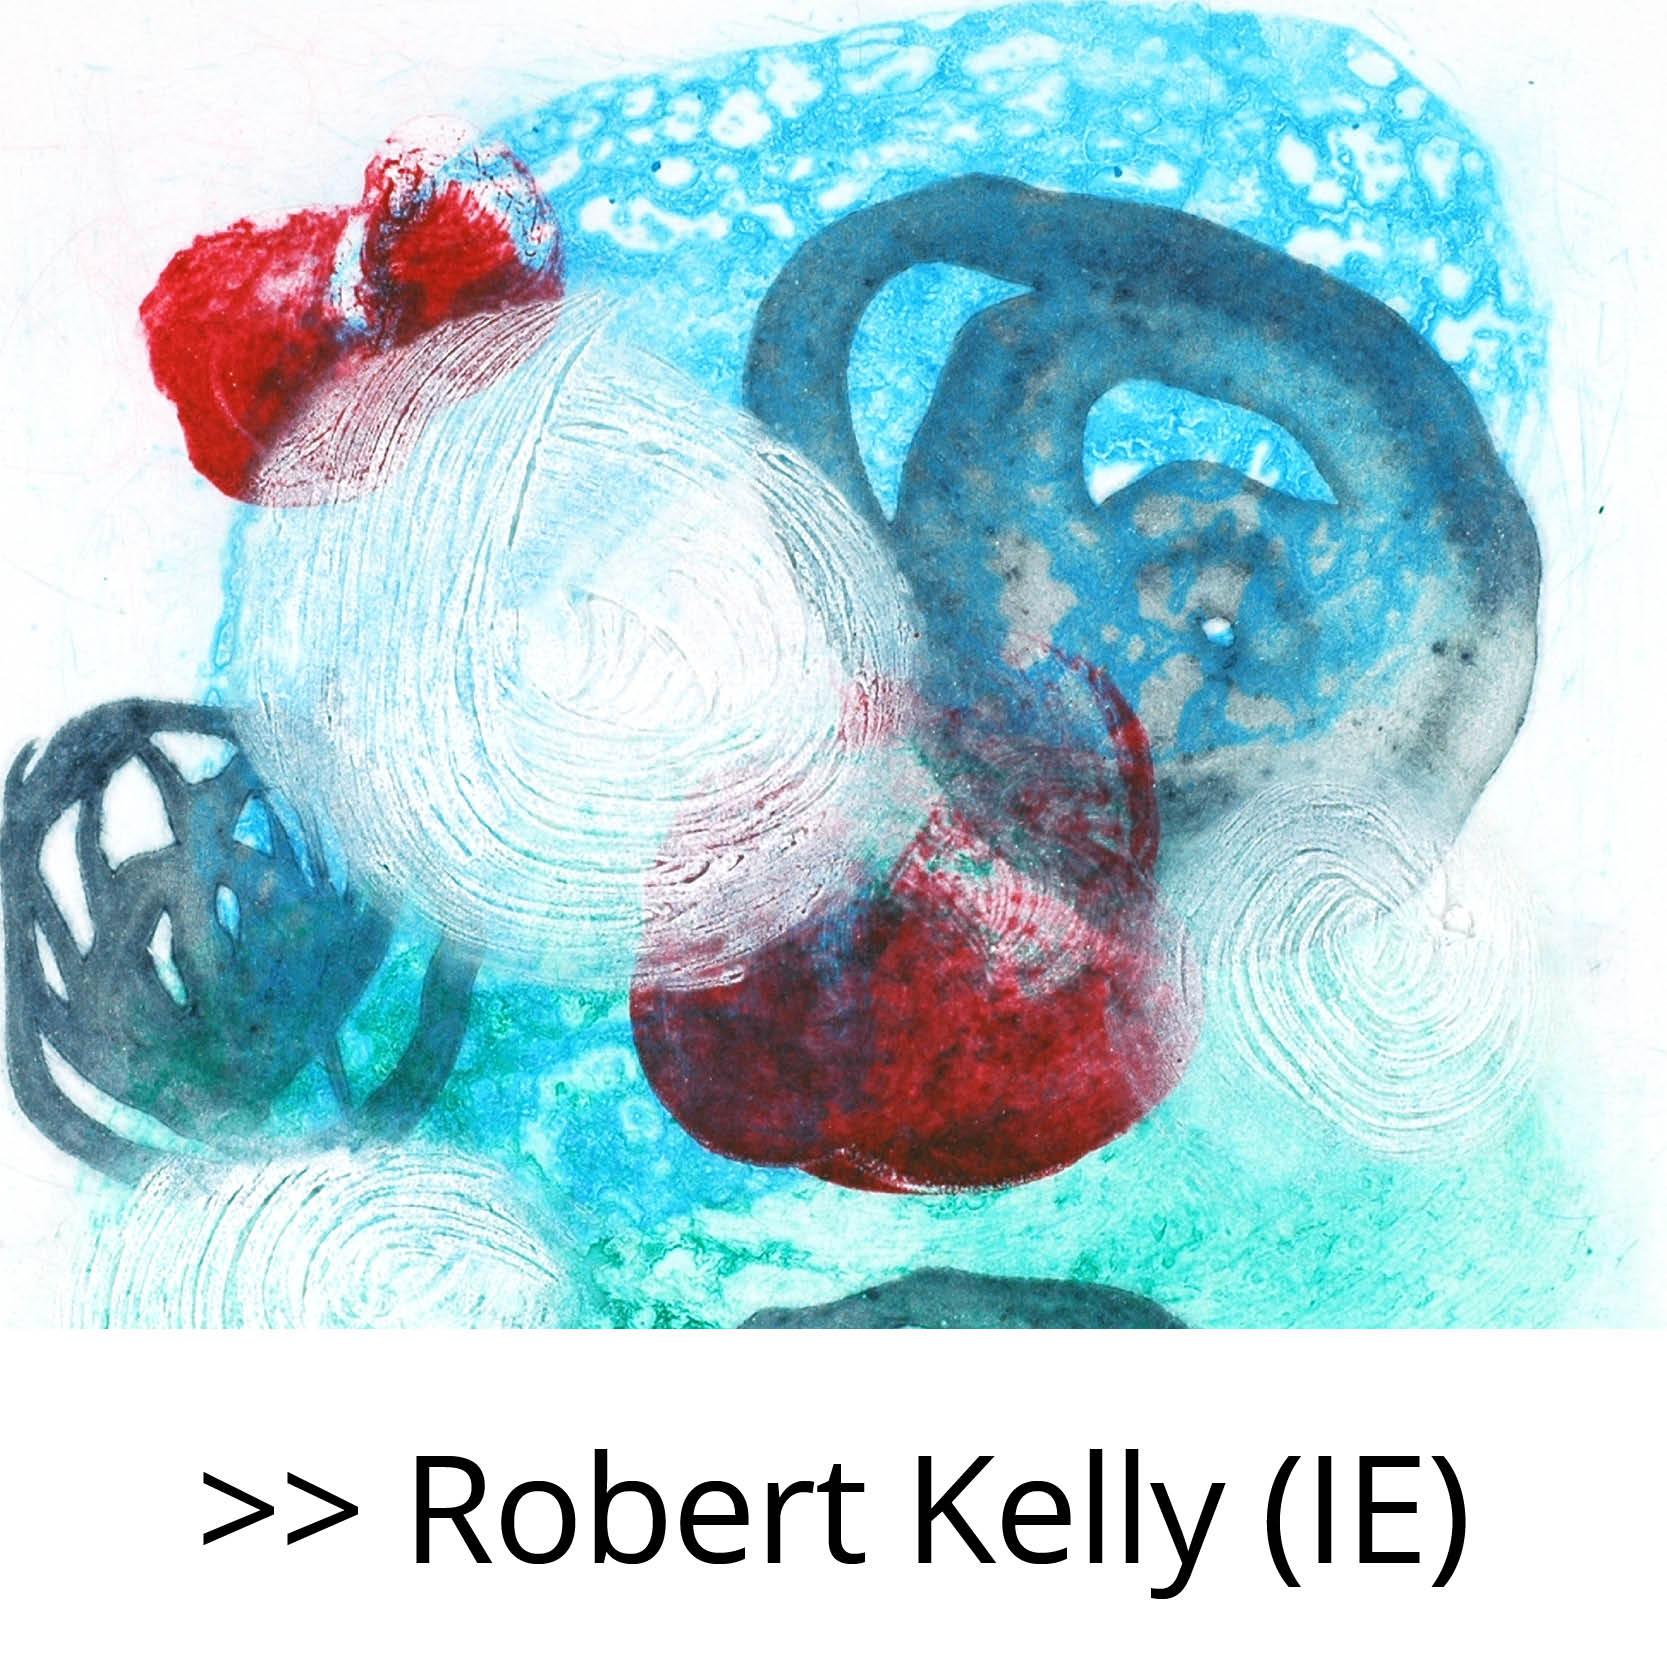 Robert_Kelly_(IE)